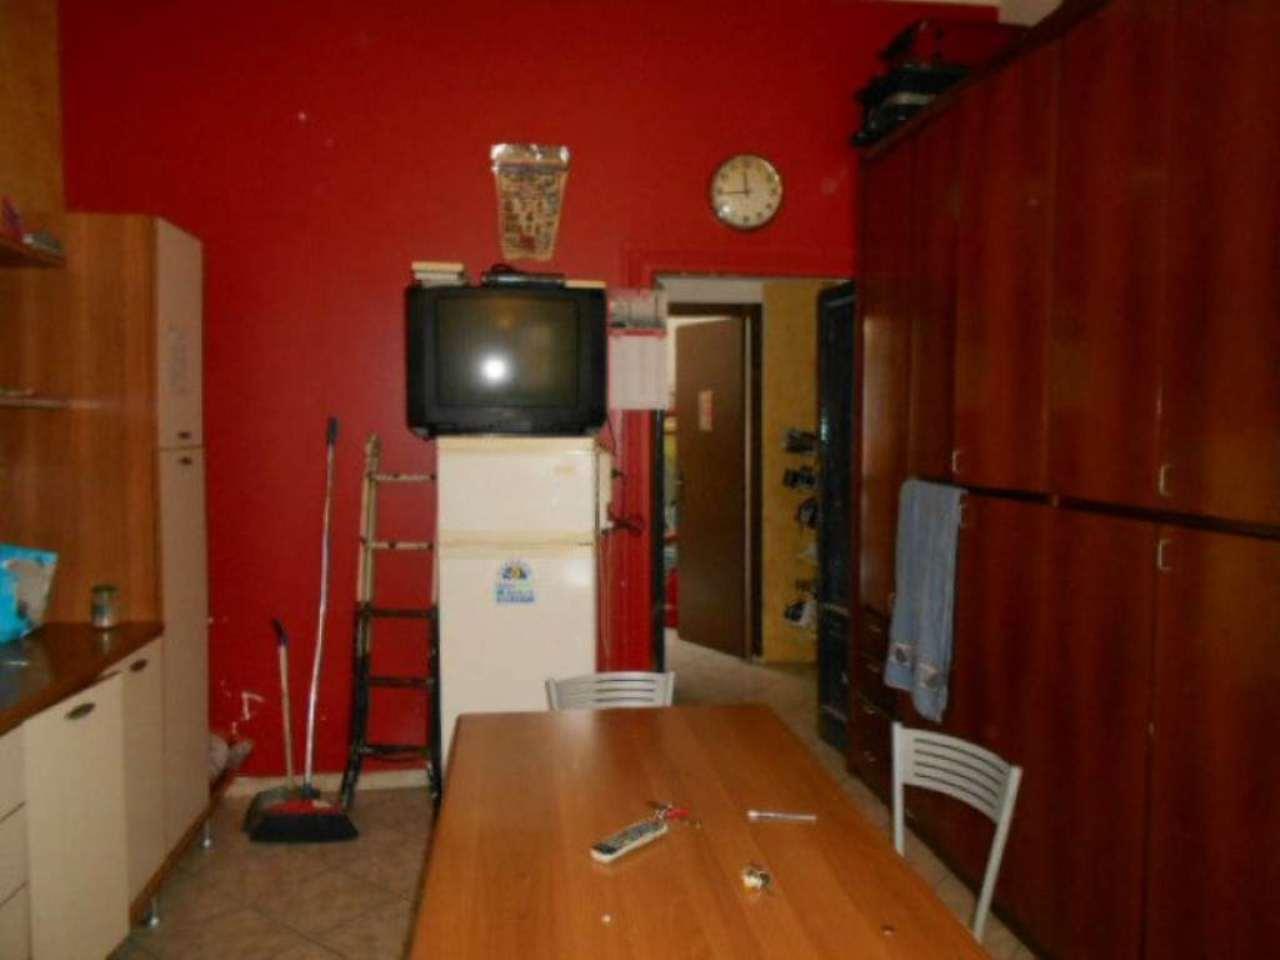 Appartamento in vendita a Milano, 2 locali, zona Zona: 3 . Bicocca, Greco, Monza, Palmanova, Padova, prezzo € 57.000   Cambio Casa.it